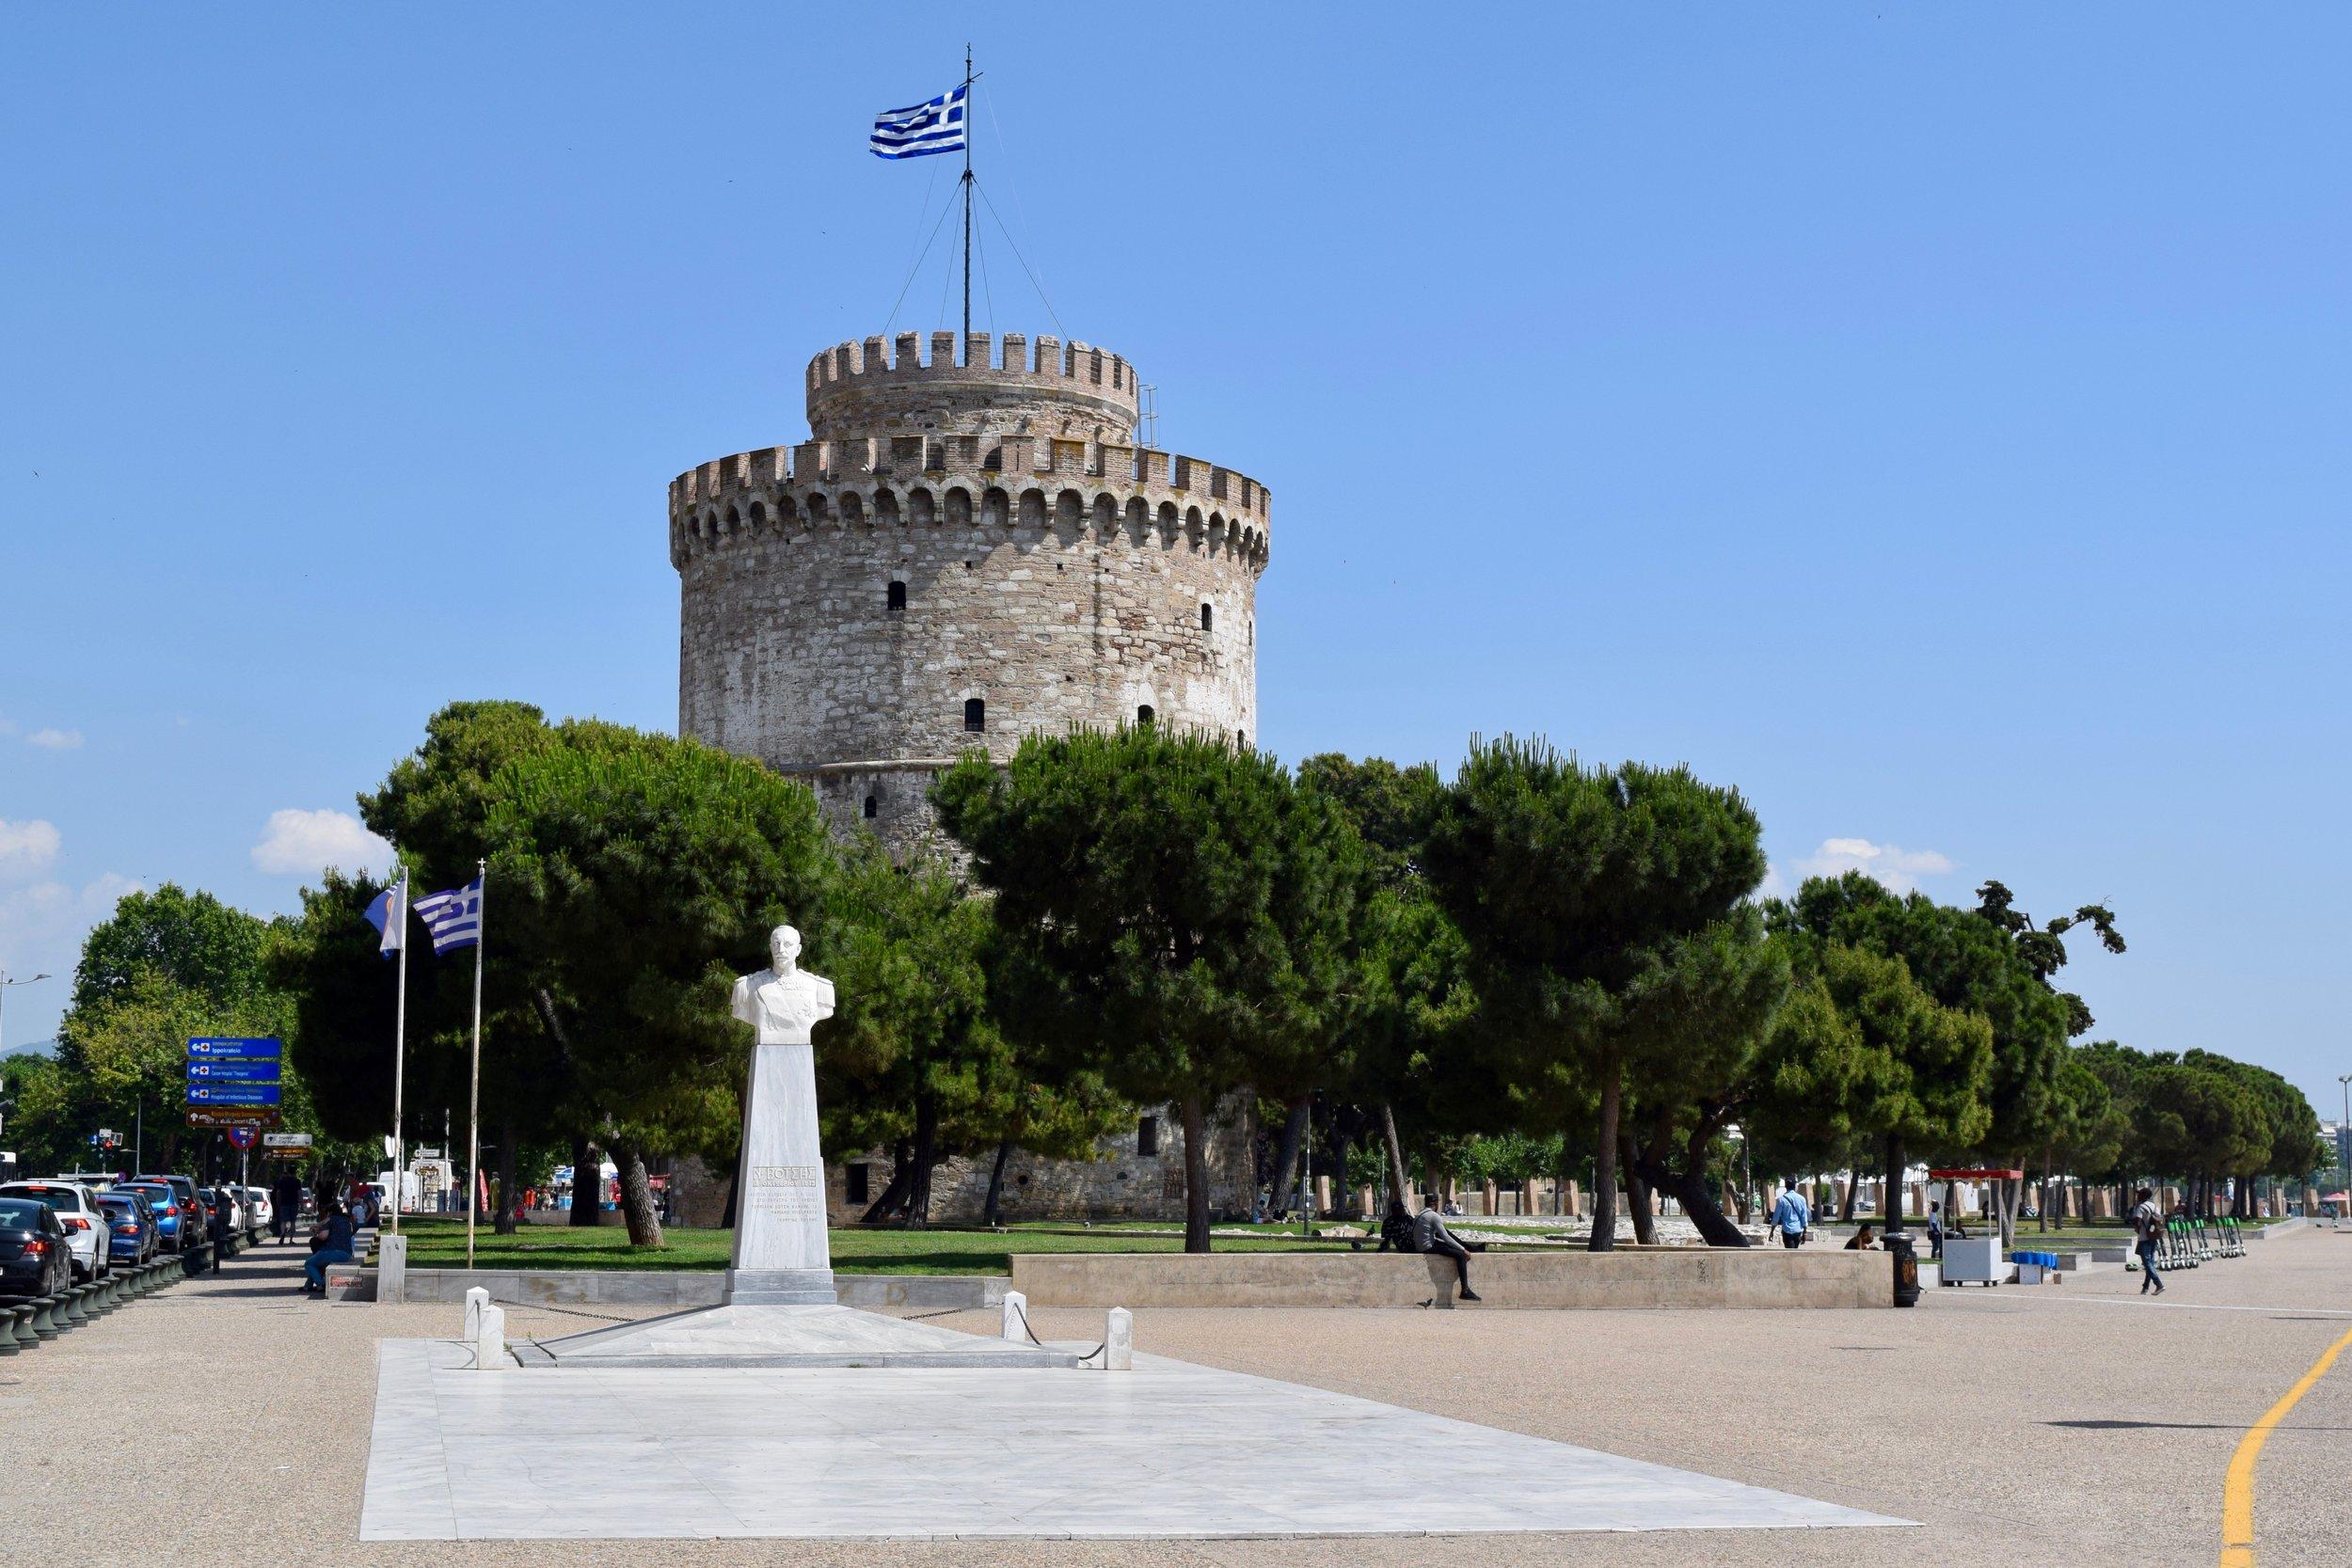 White Tower and statue of Nikolaos Votsis